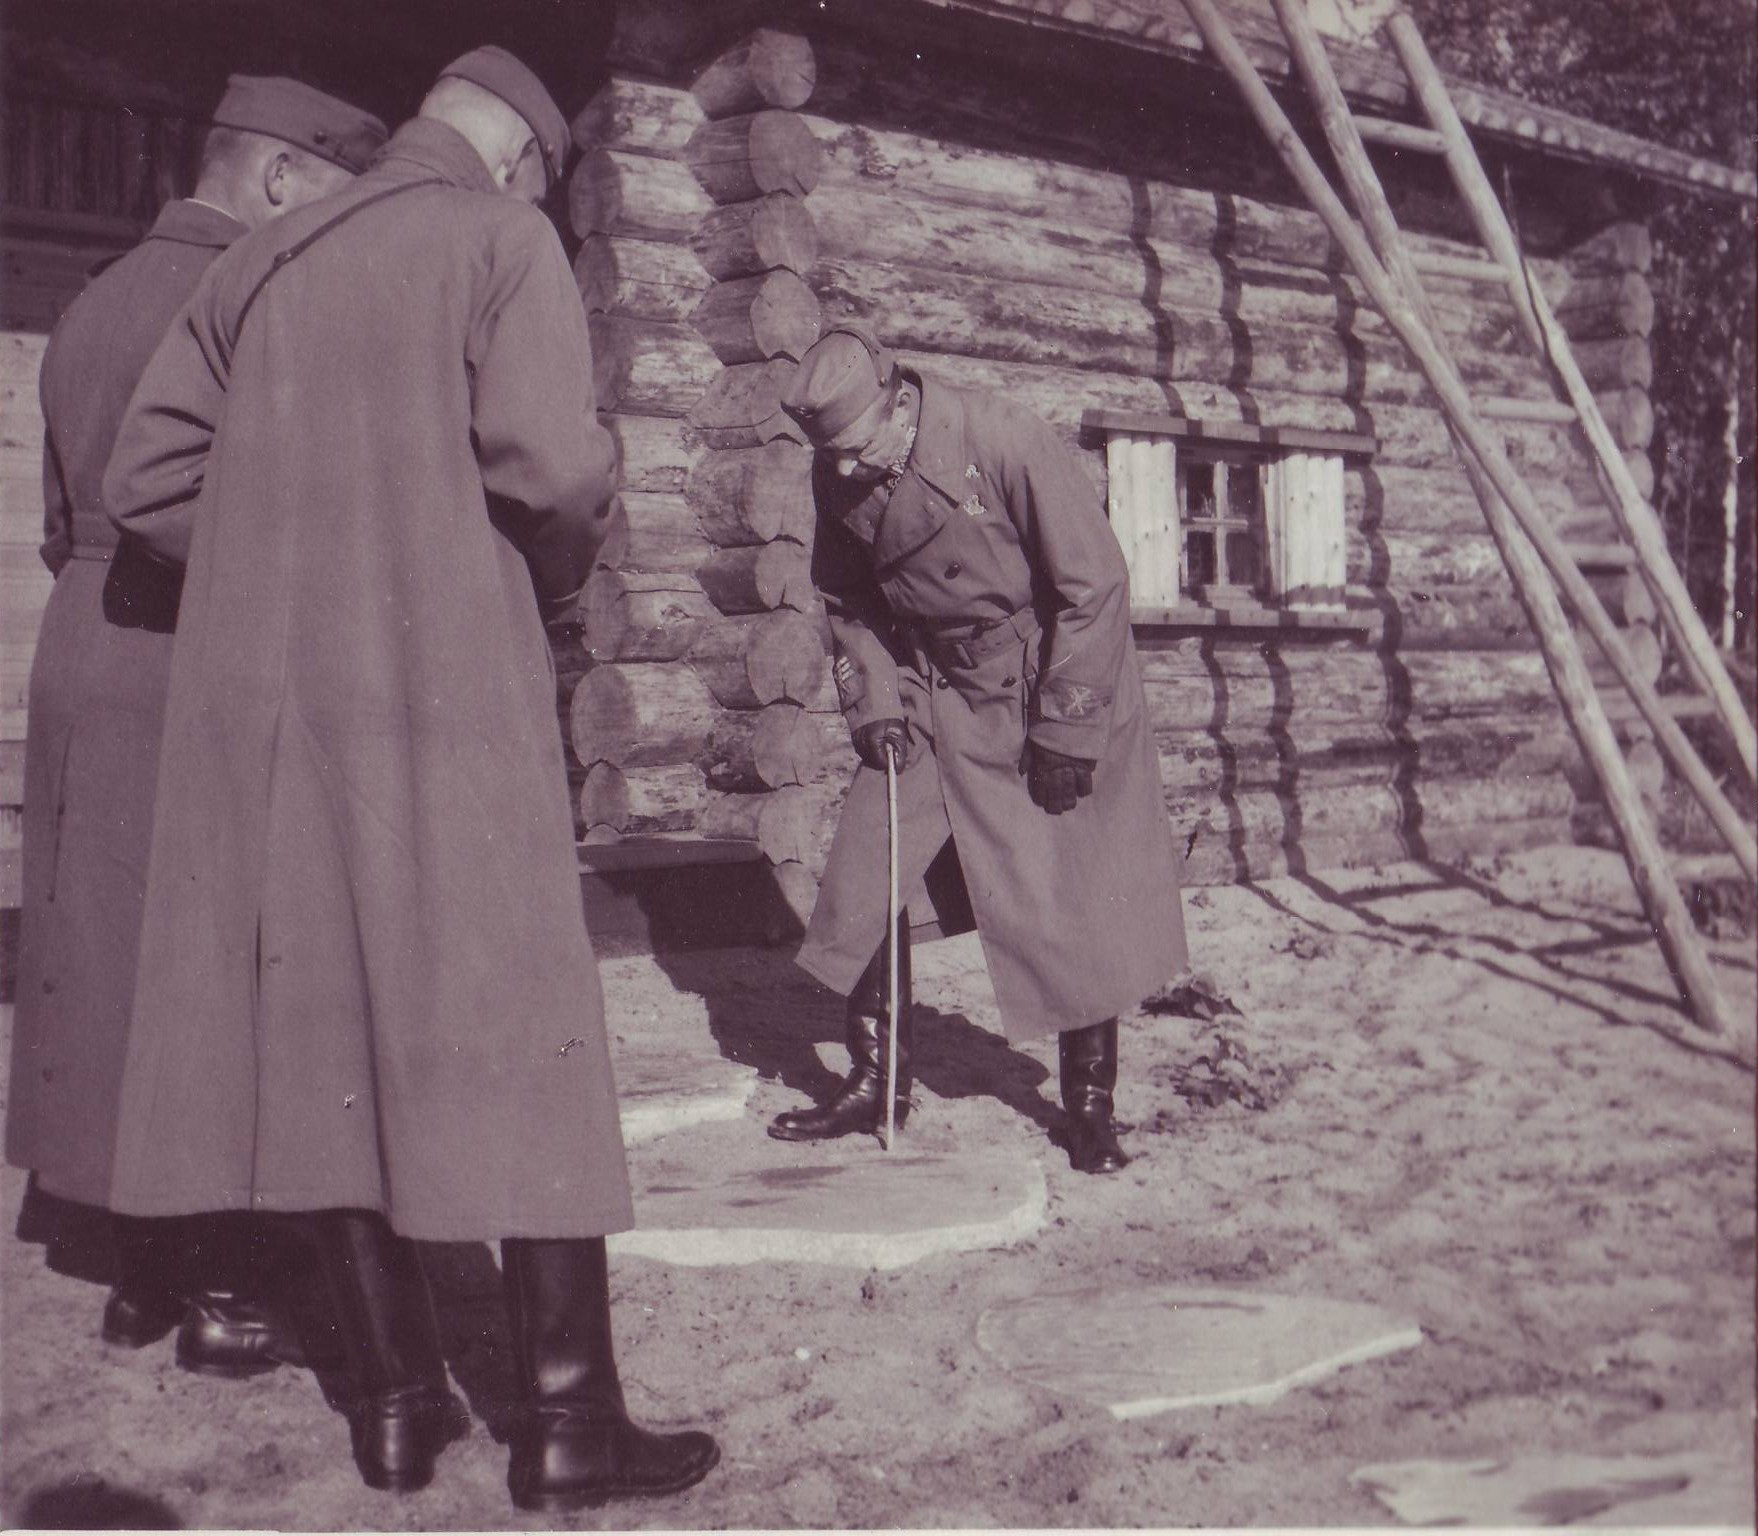 Mannerheim Rukajärvellä 1942 tutkimassa saunan rappukiven kaunista koristetta - saniaiskuviota.